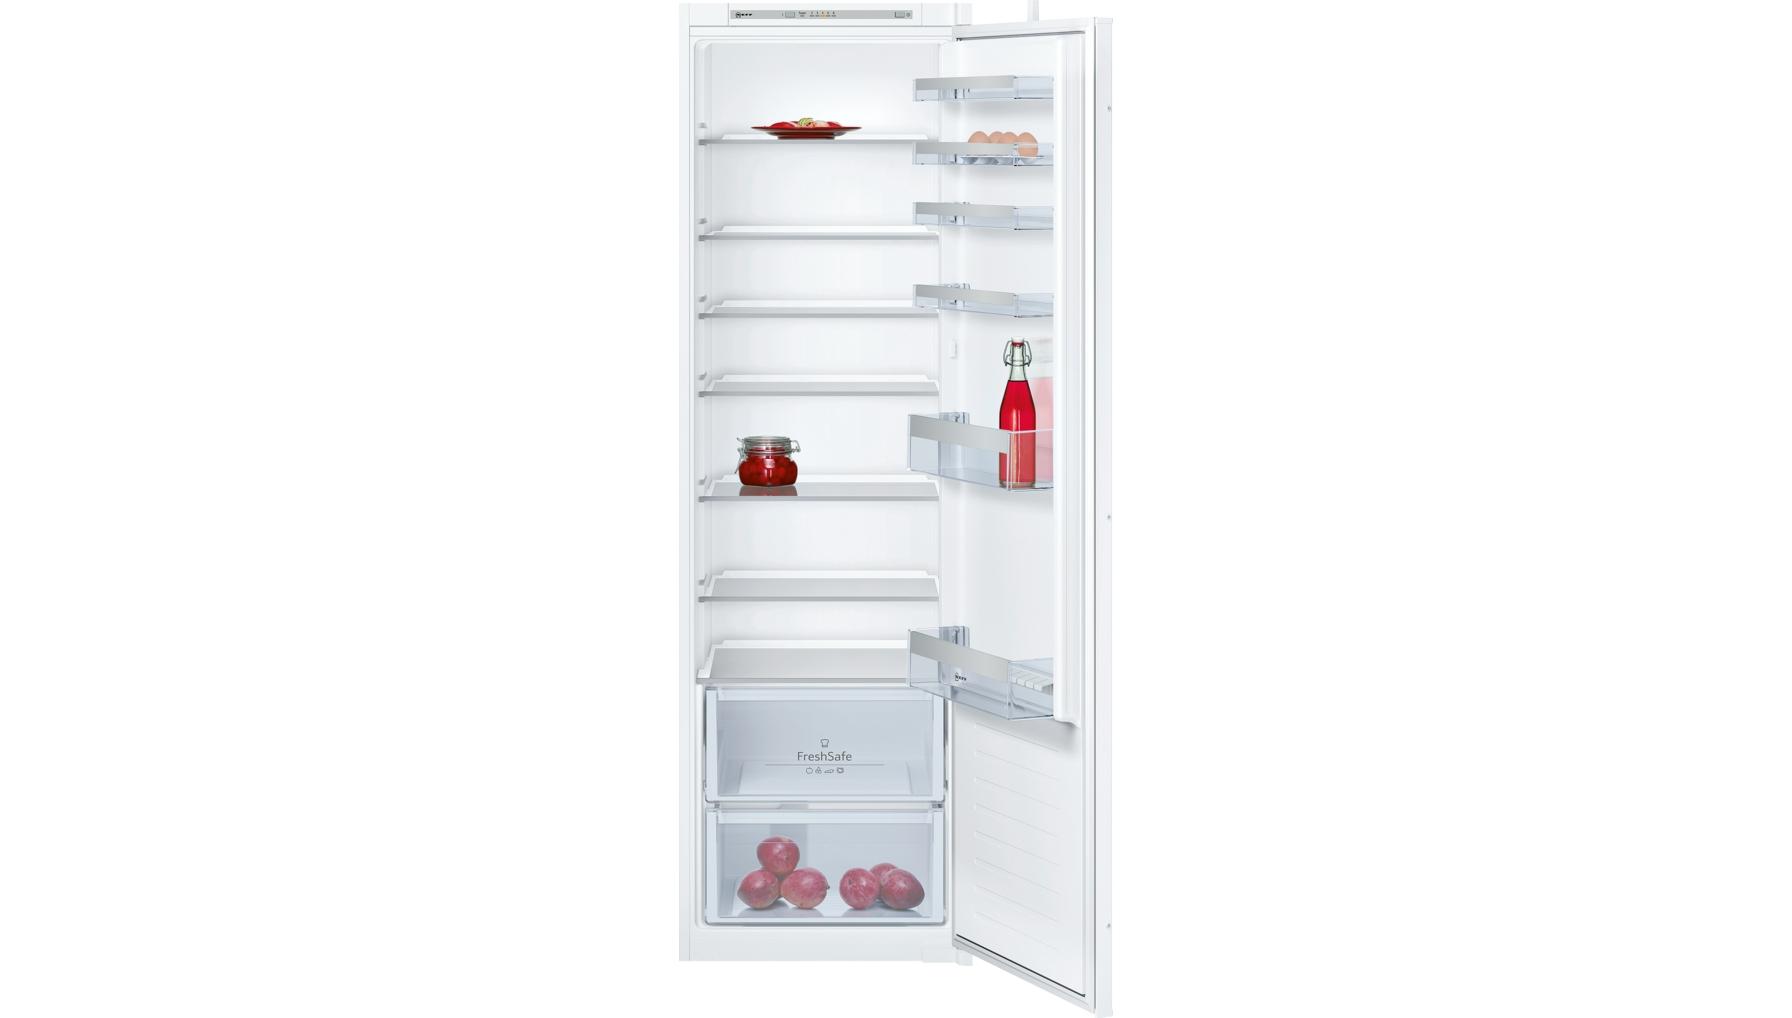 Siemens Kühlschrank Kälte Einstellen : Kühlschrank temperatur einstellen brut dargent ice chardonnay